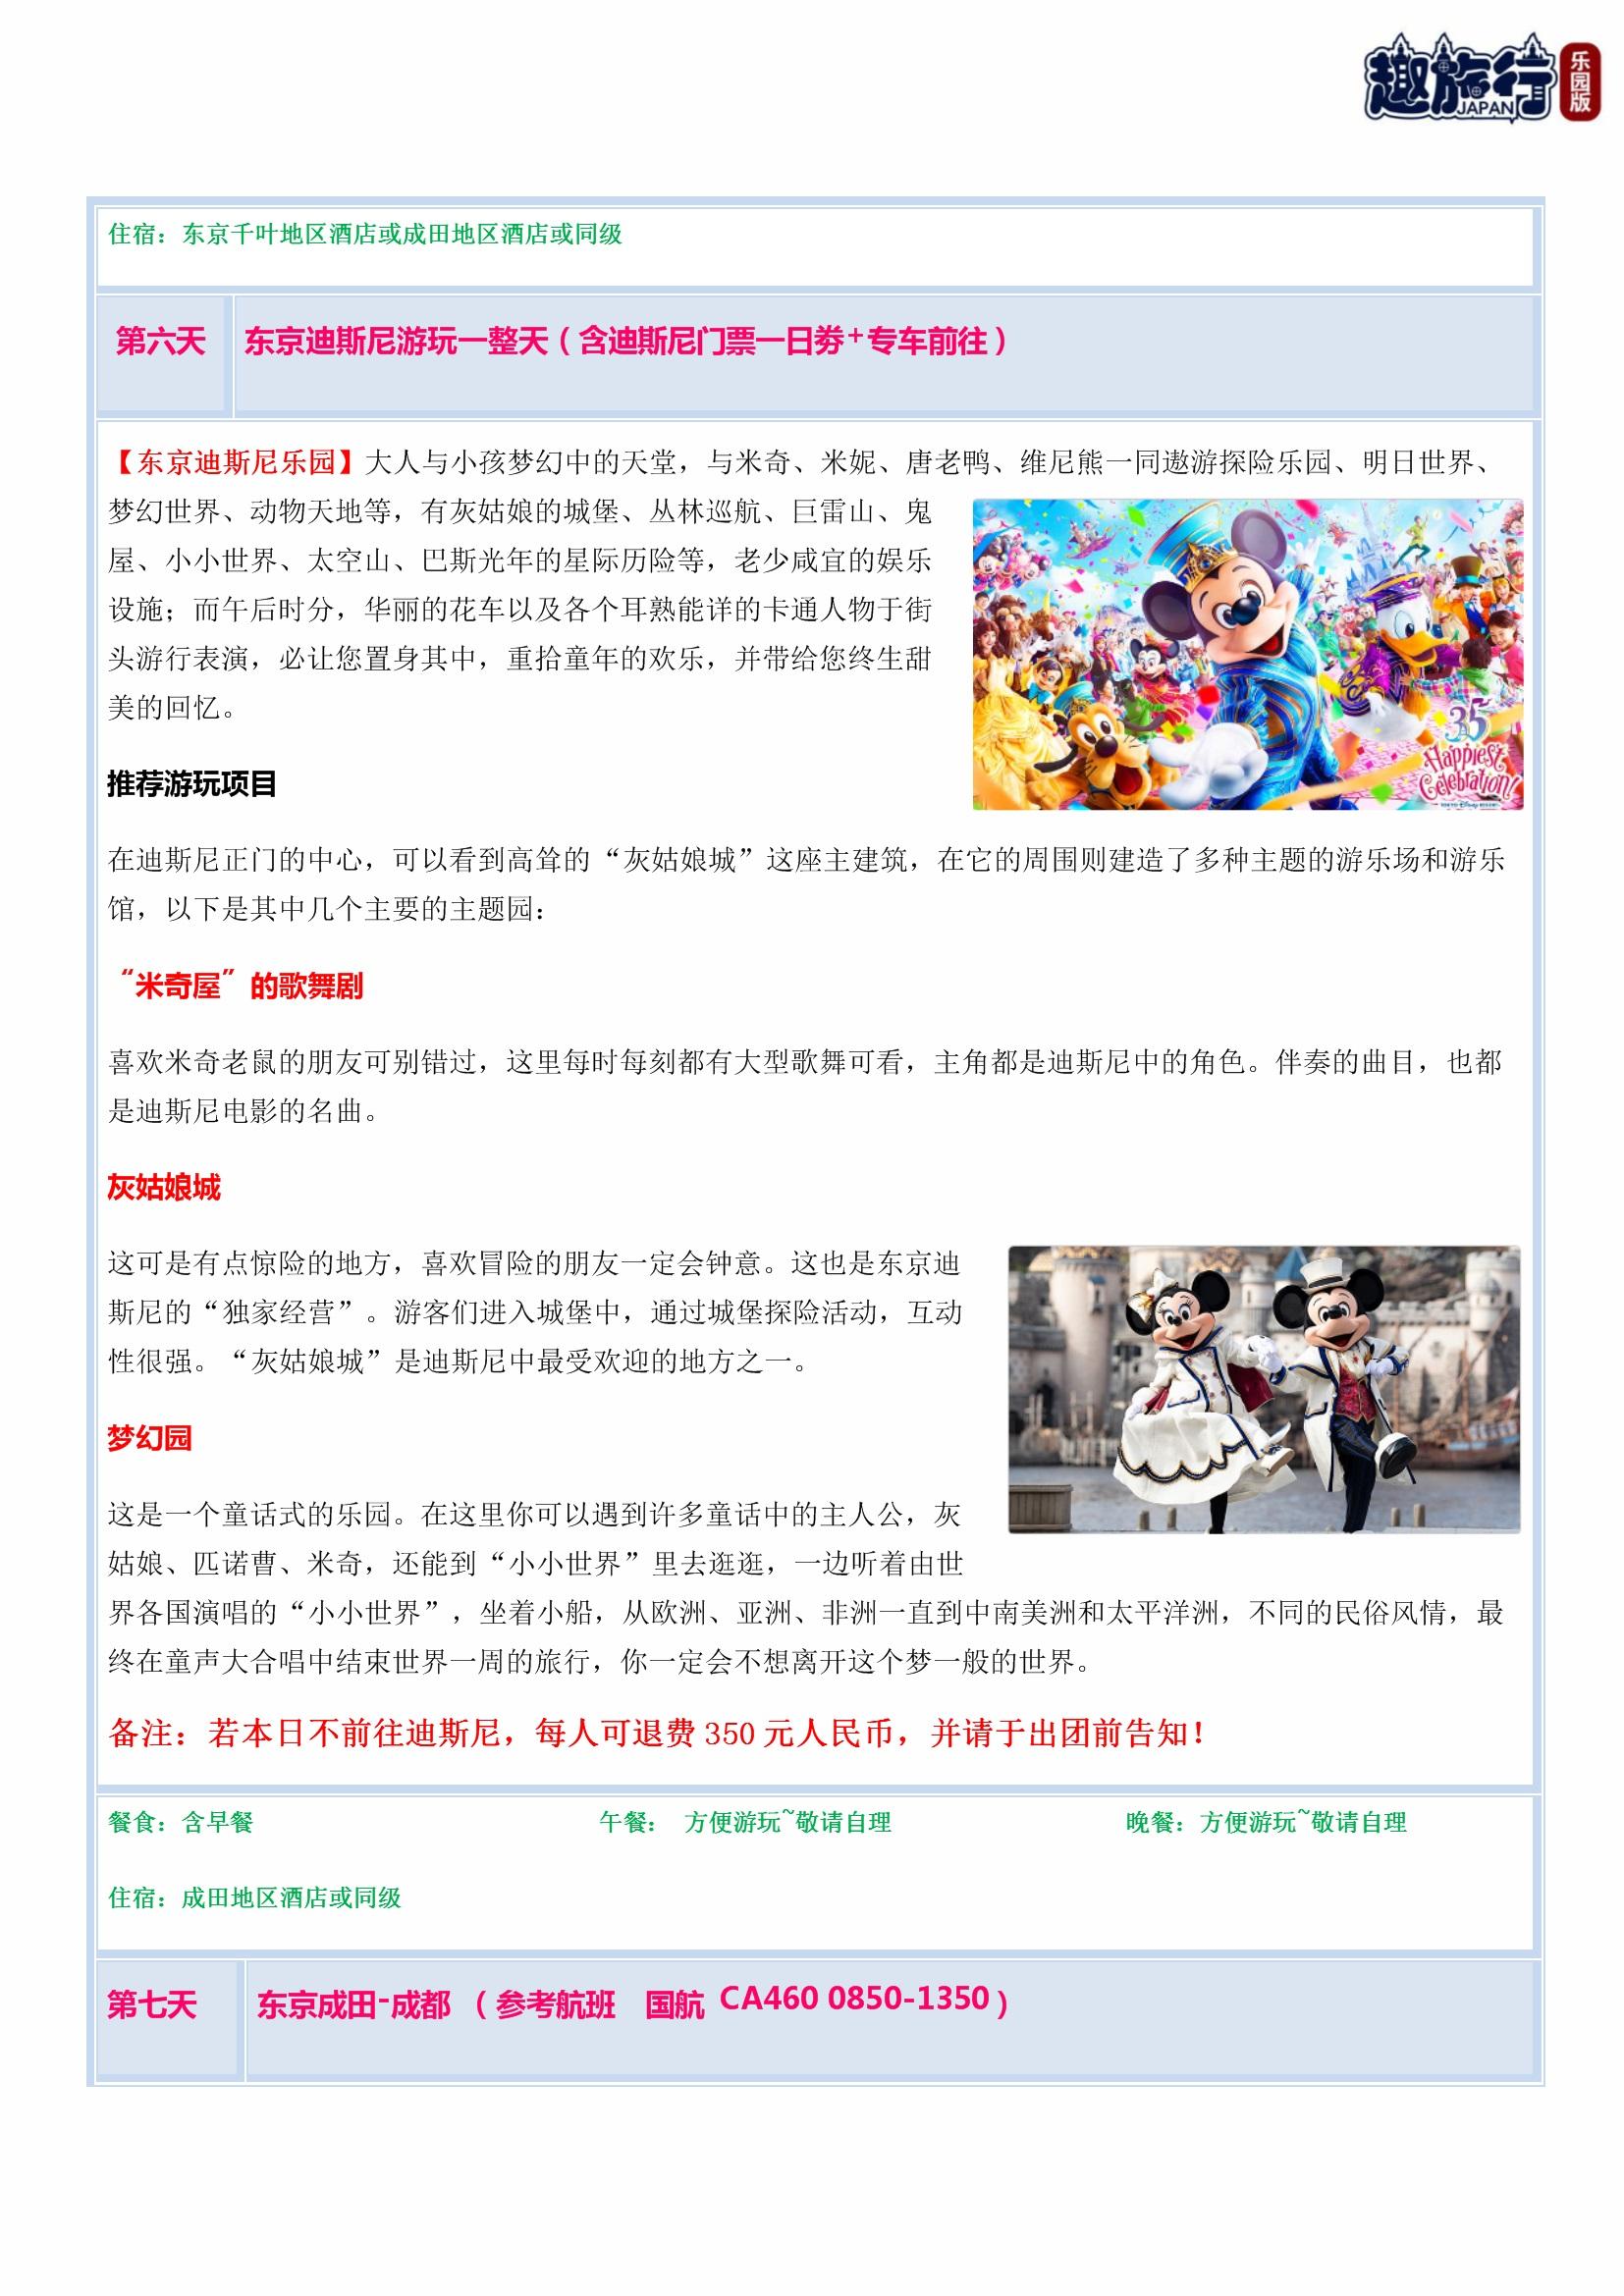 寒假双乐园 (13).jpg